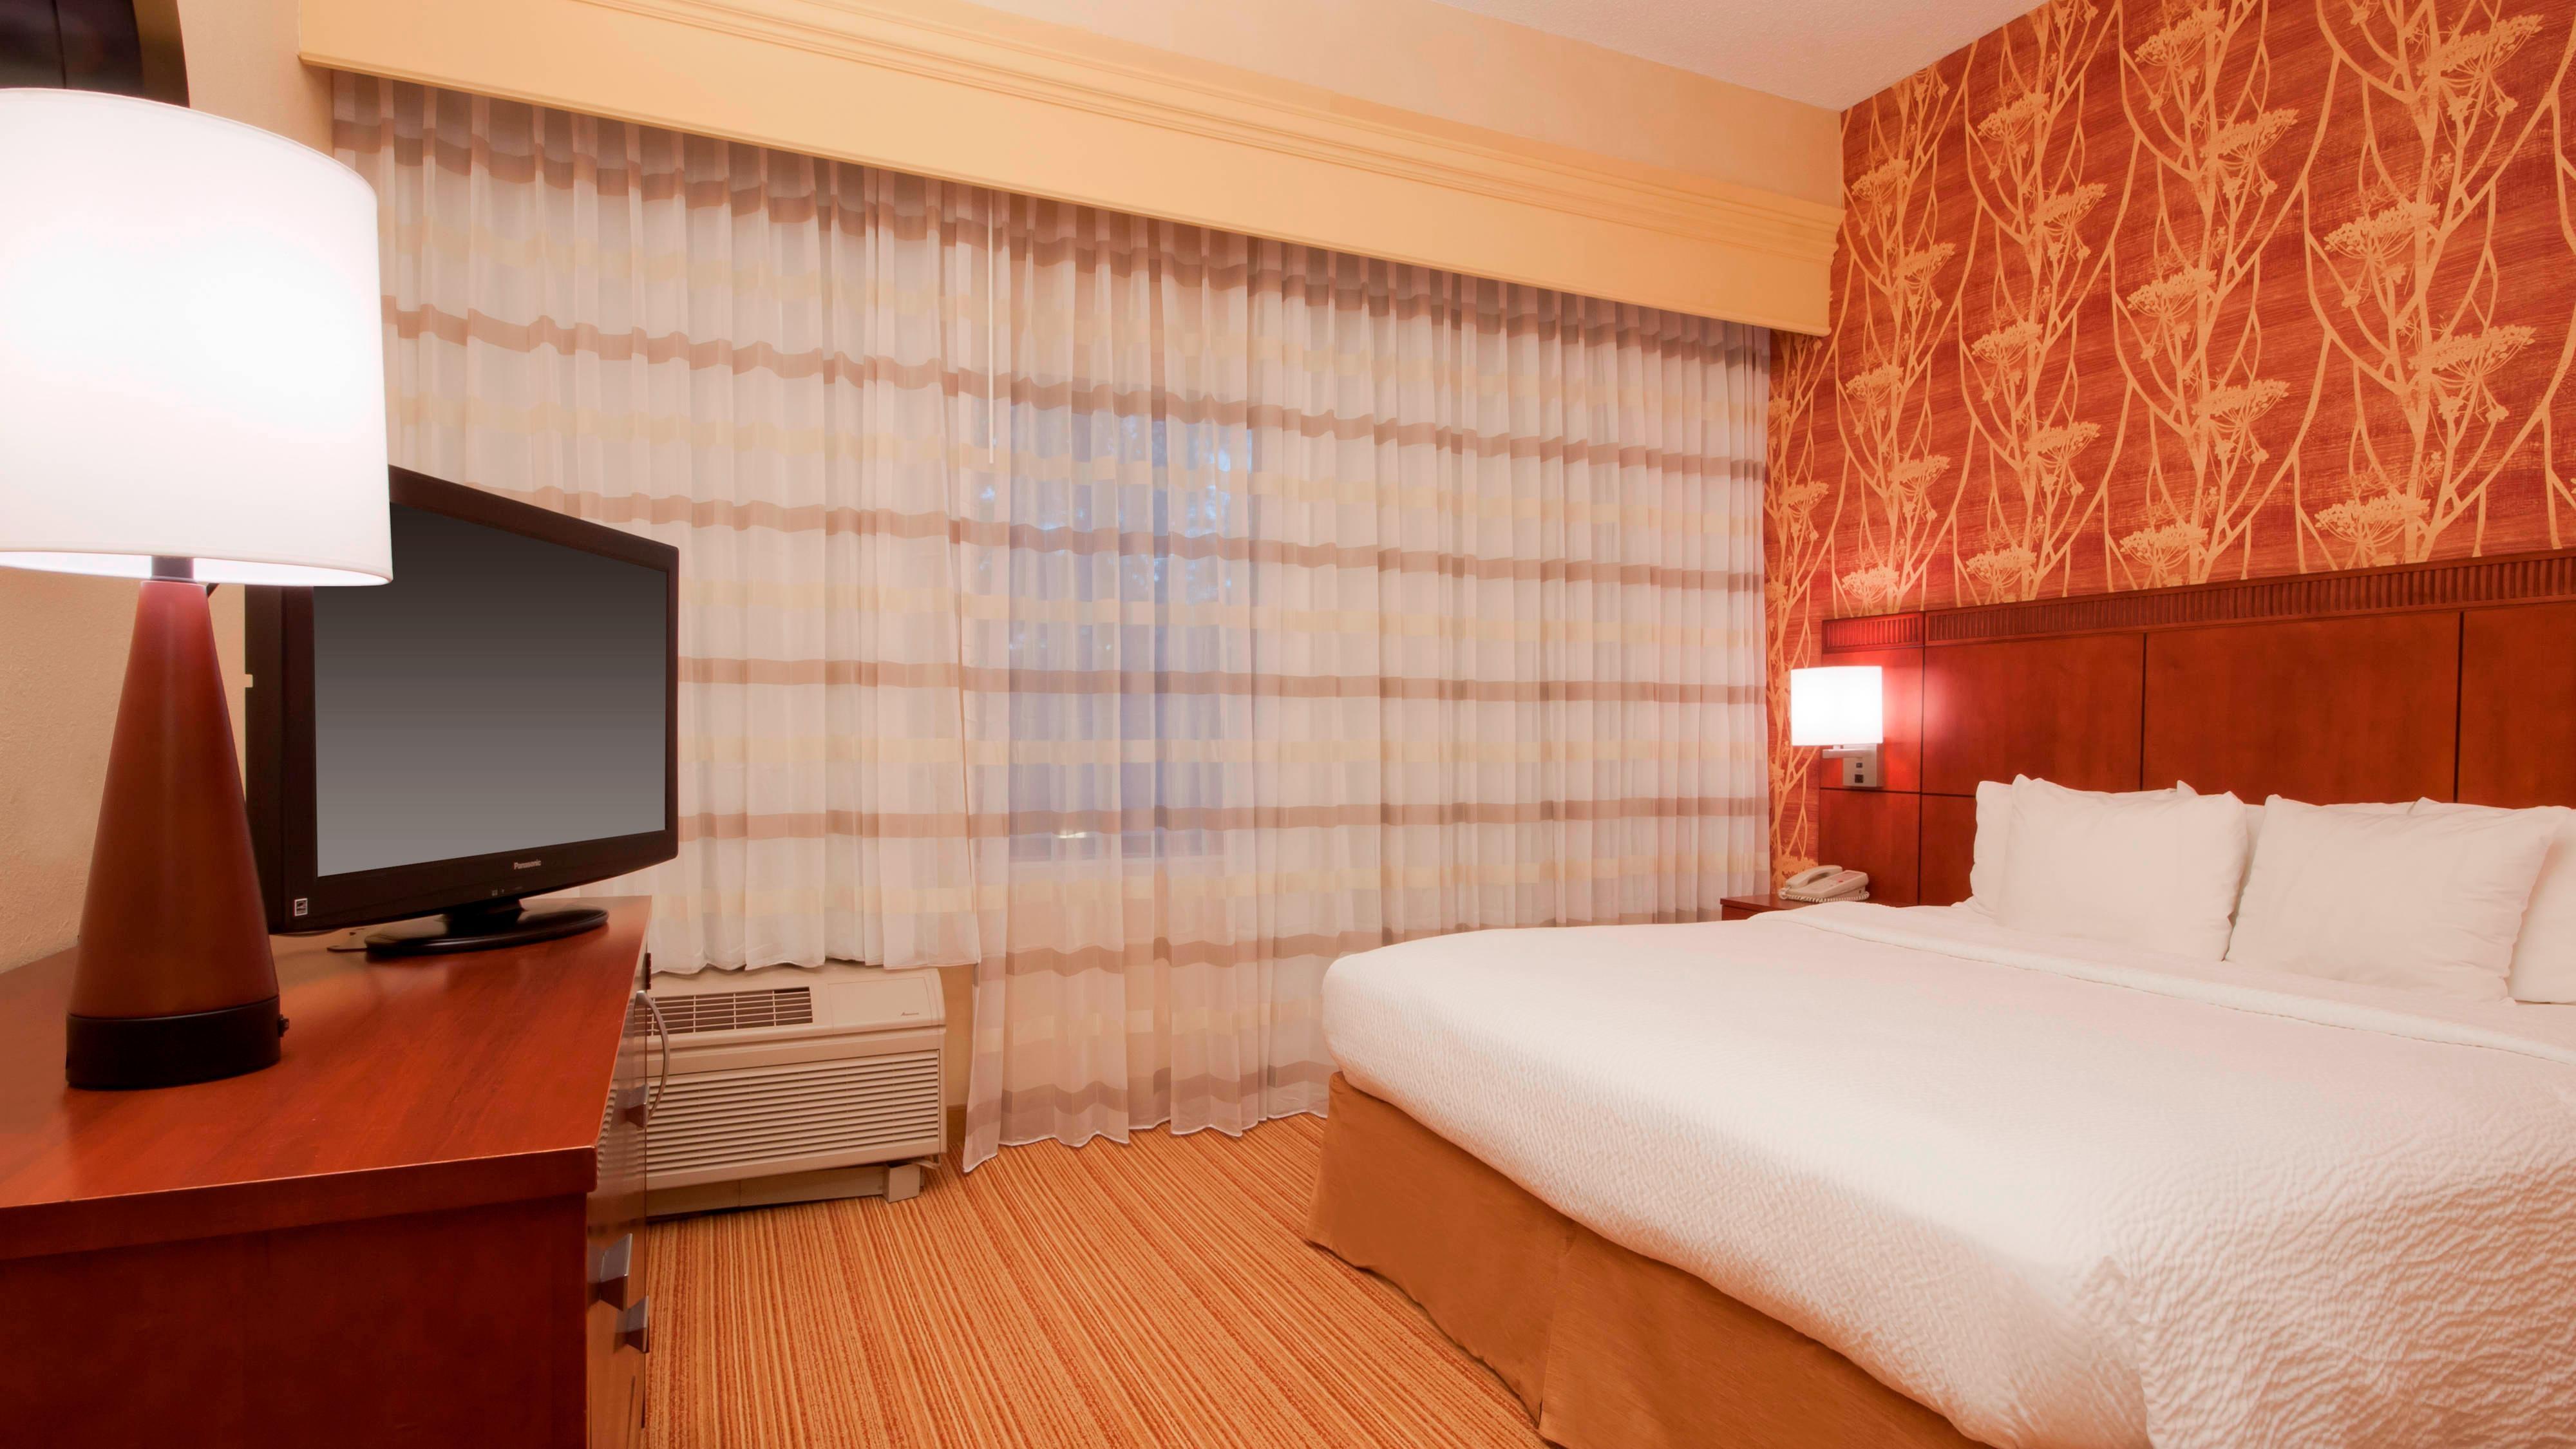 Dormitorio de la suite del hotel en Amarillo, Texas